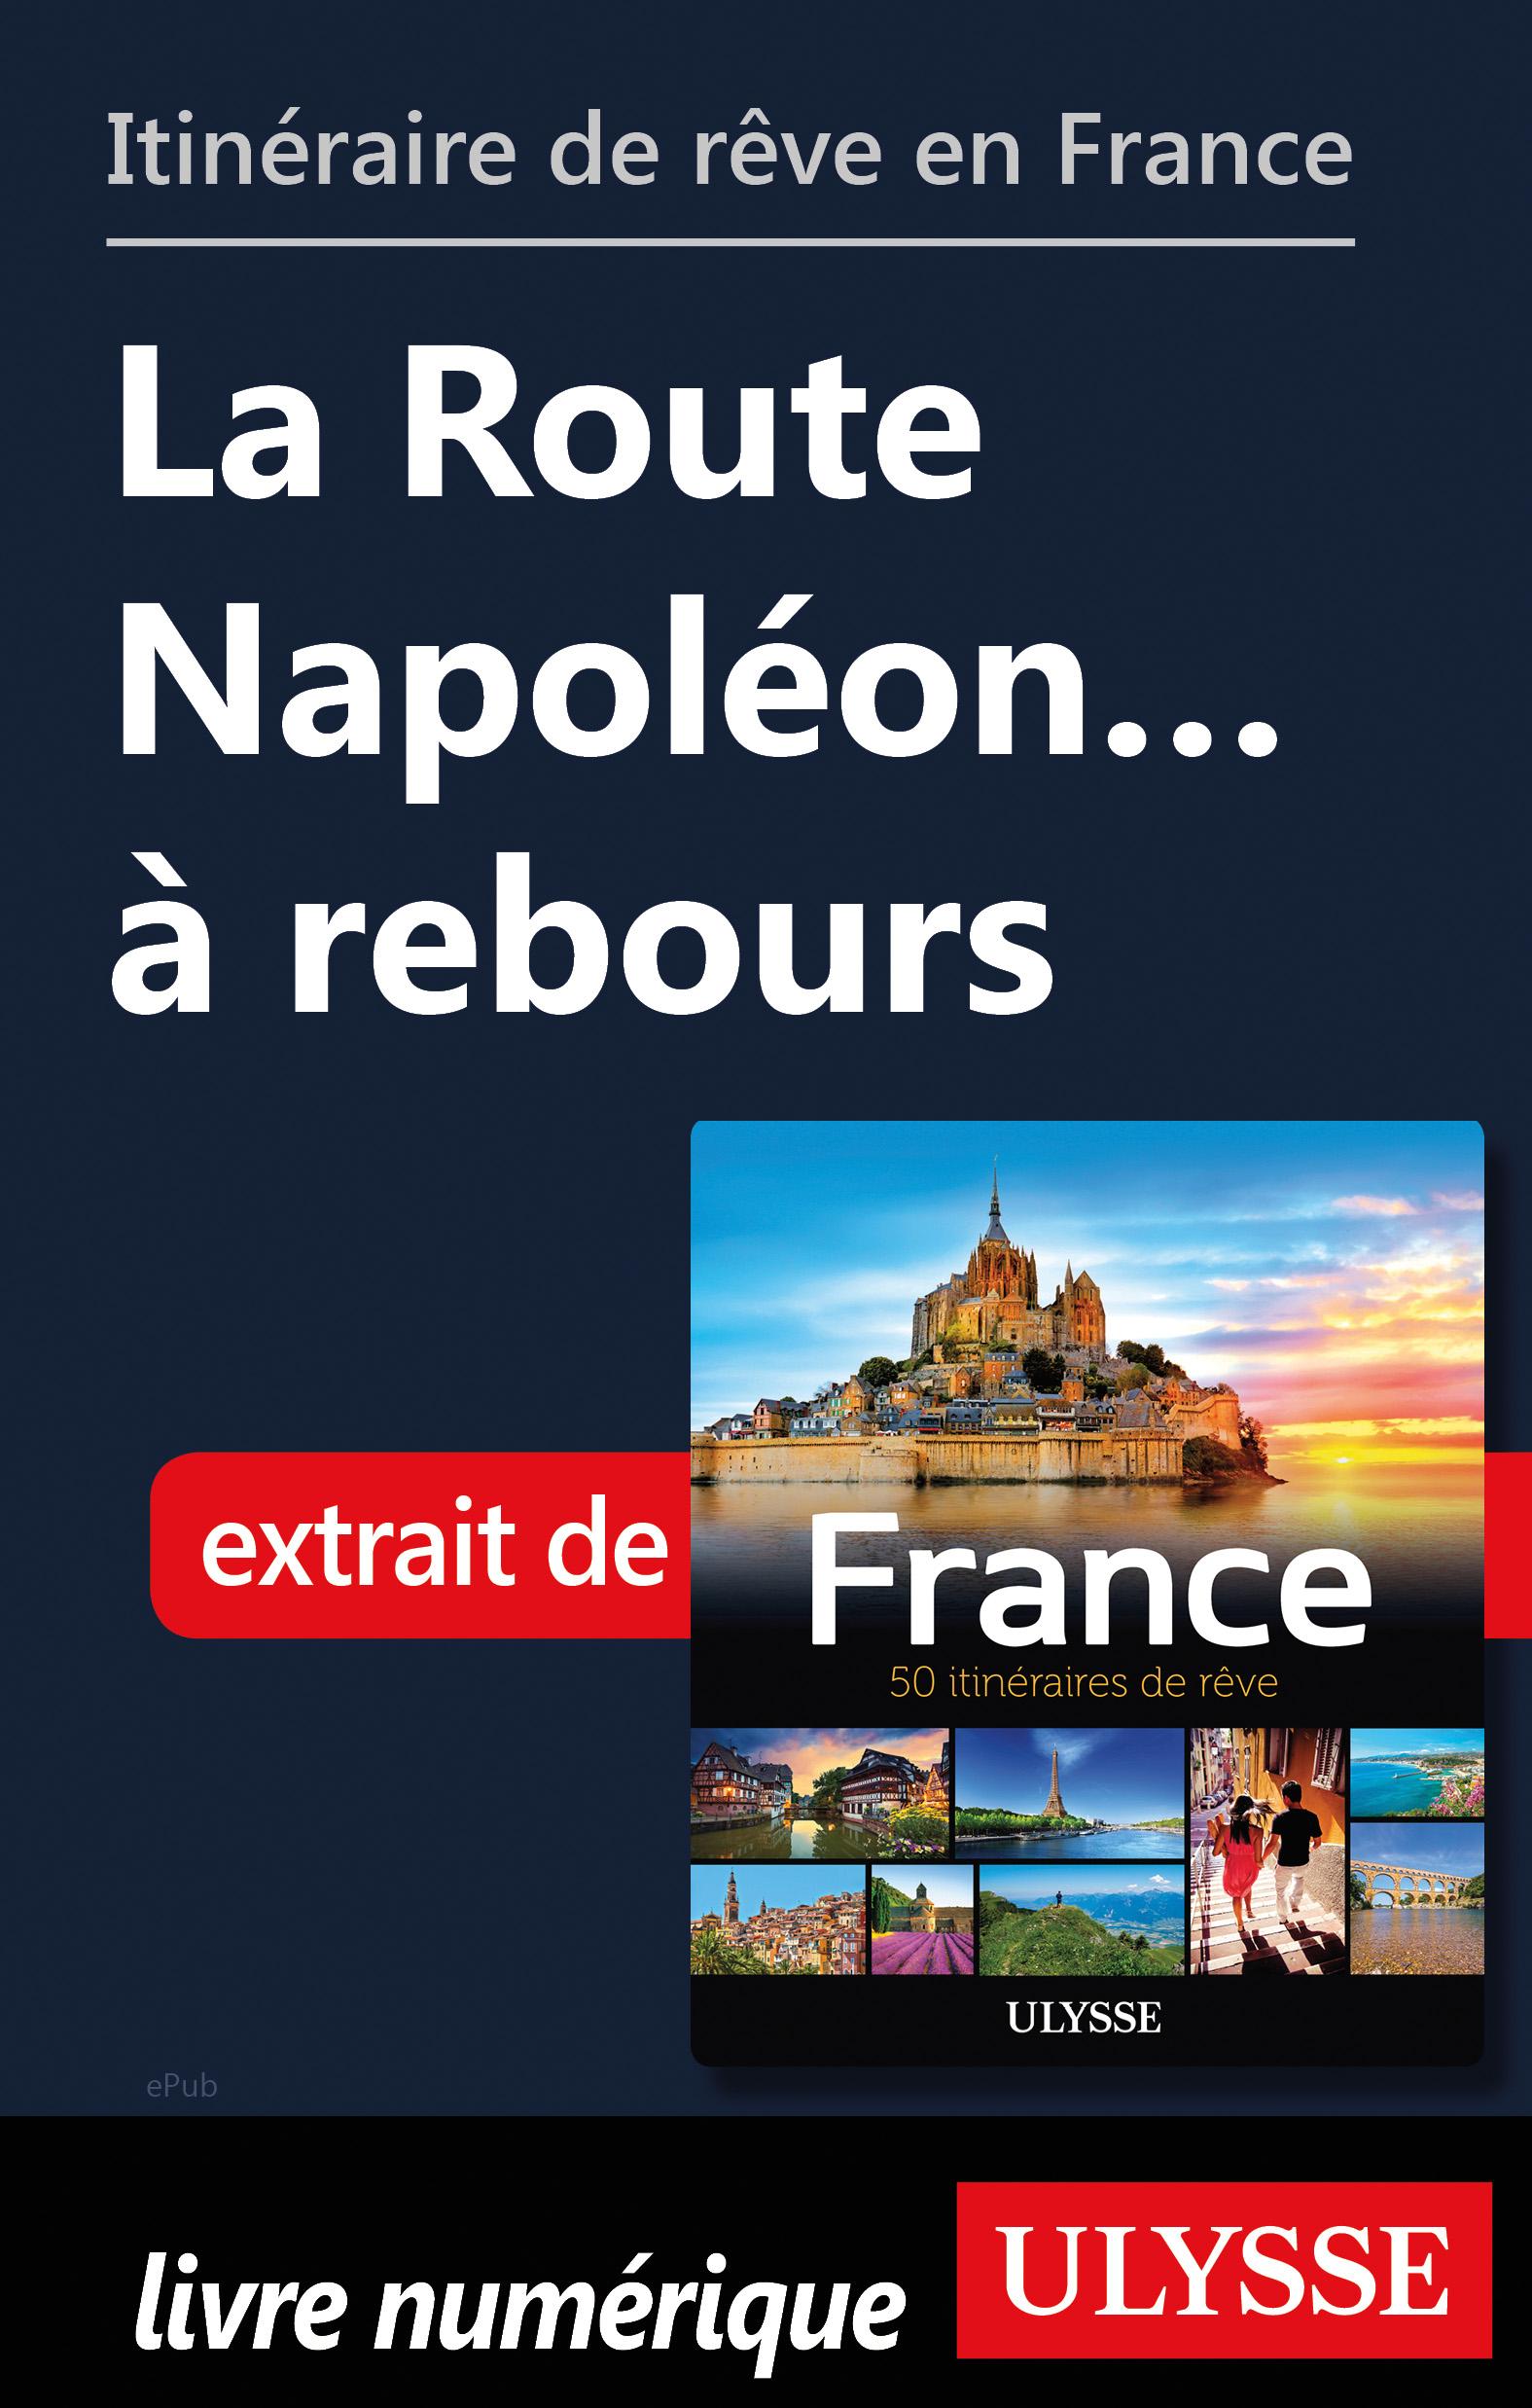 Itinéraire de rêve en France - La Route Napoléon… à rebours